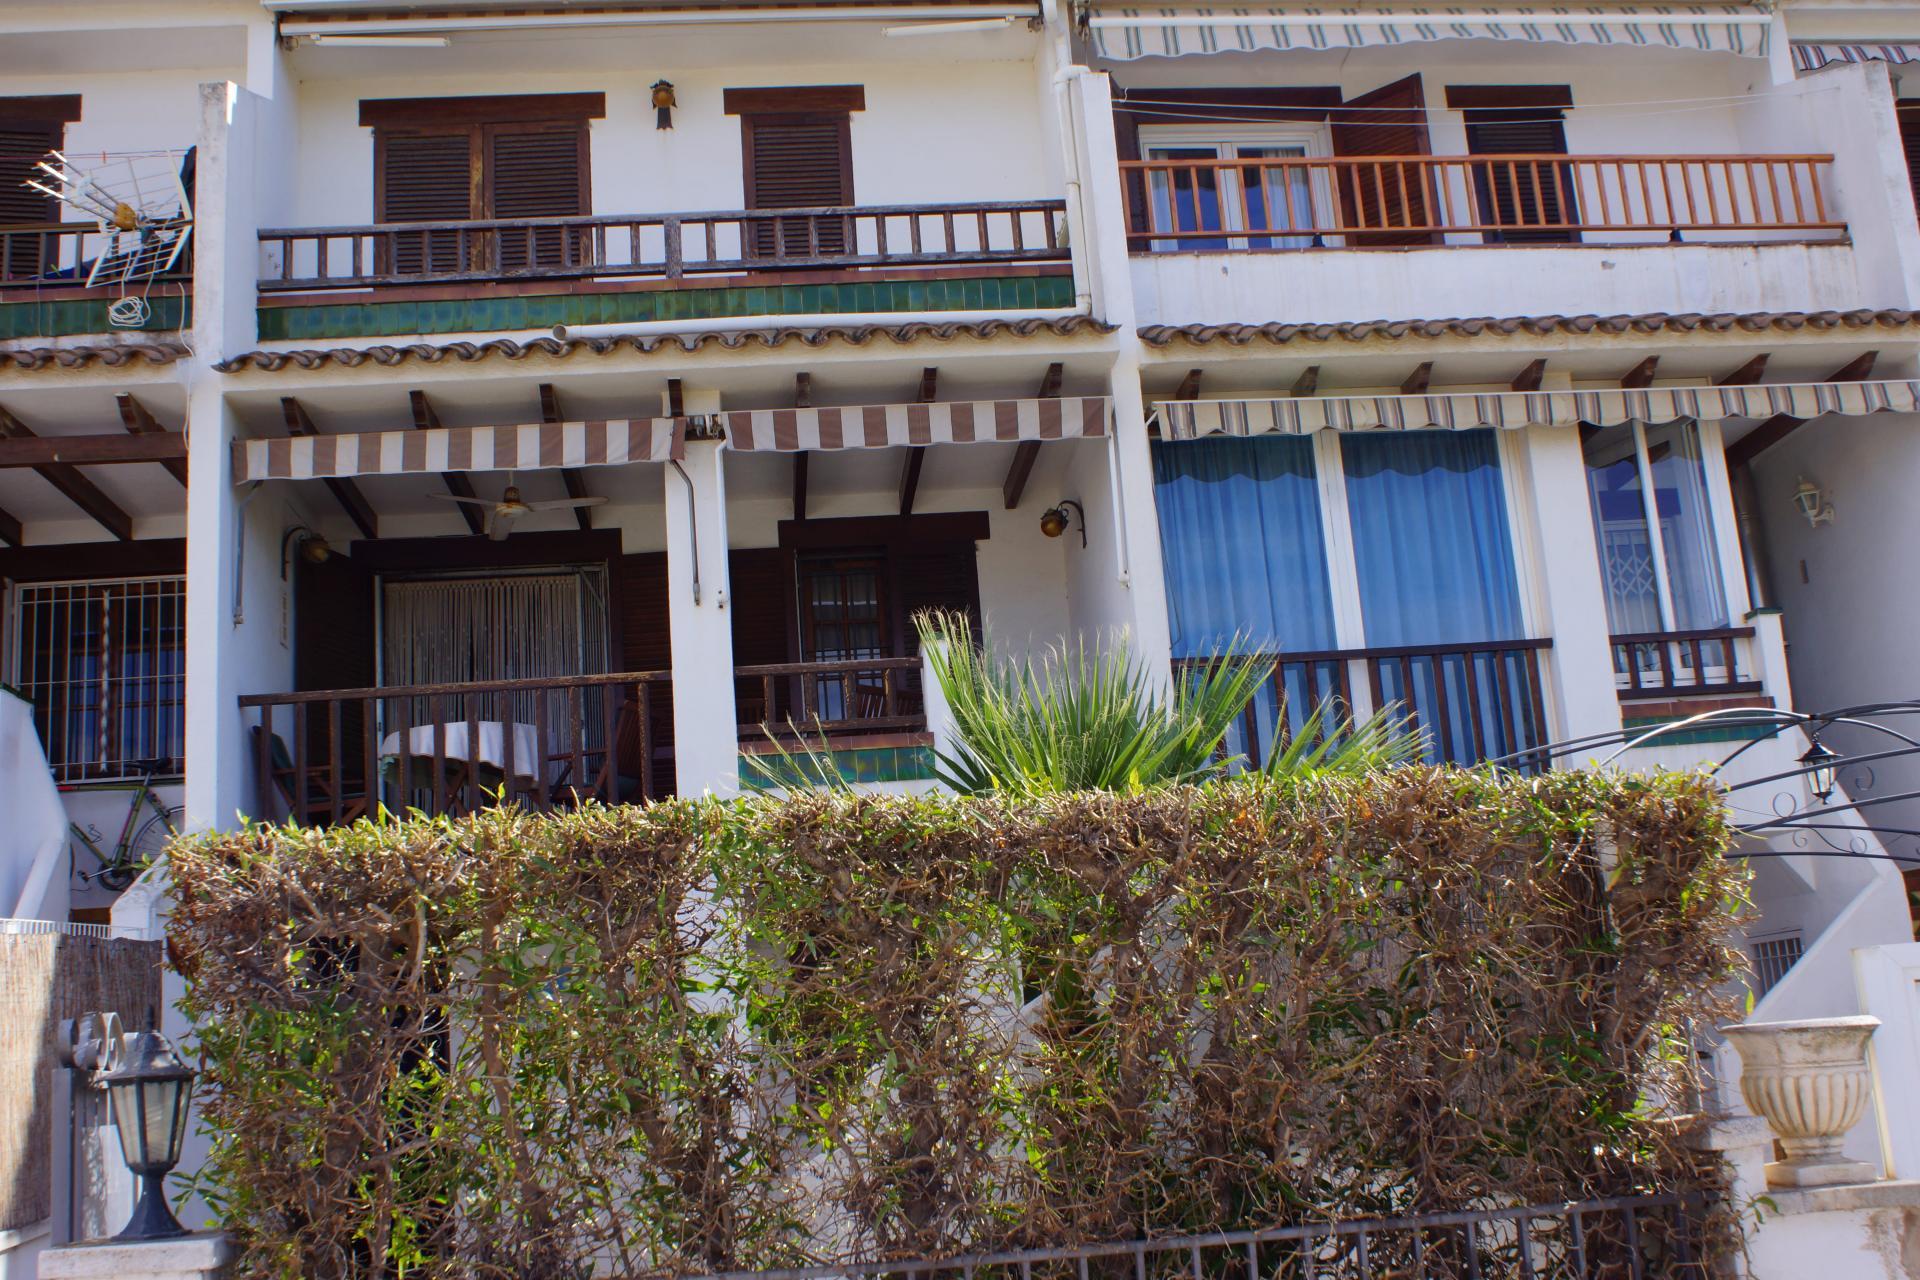 Foto 44 (V-716-2020) - Unifamiliar adosada en Venda a Cunit Diagonal, Avenida DE LA FONT, Cunit